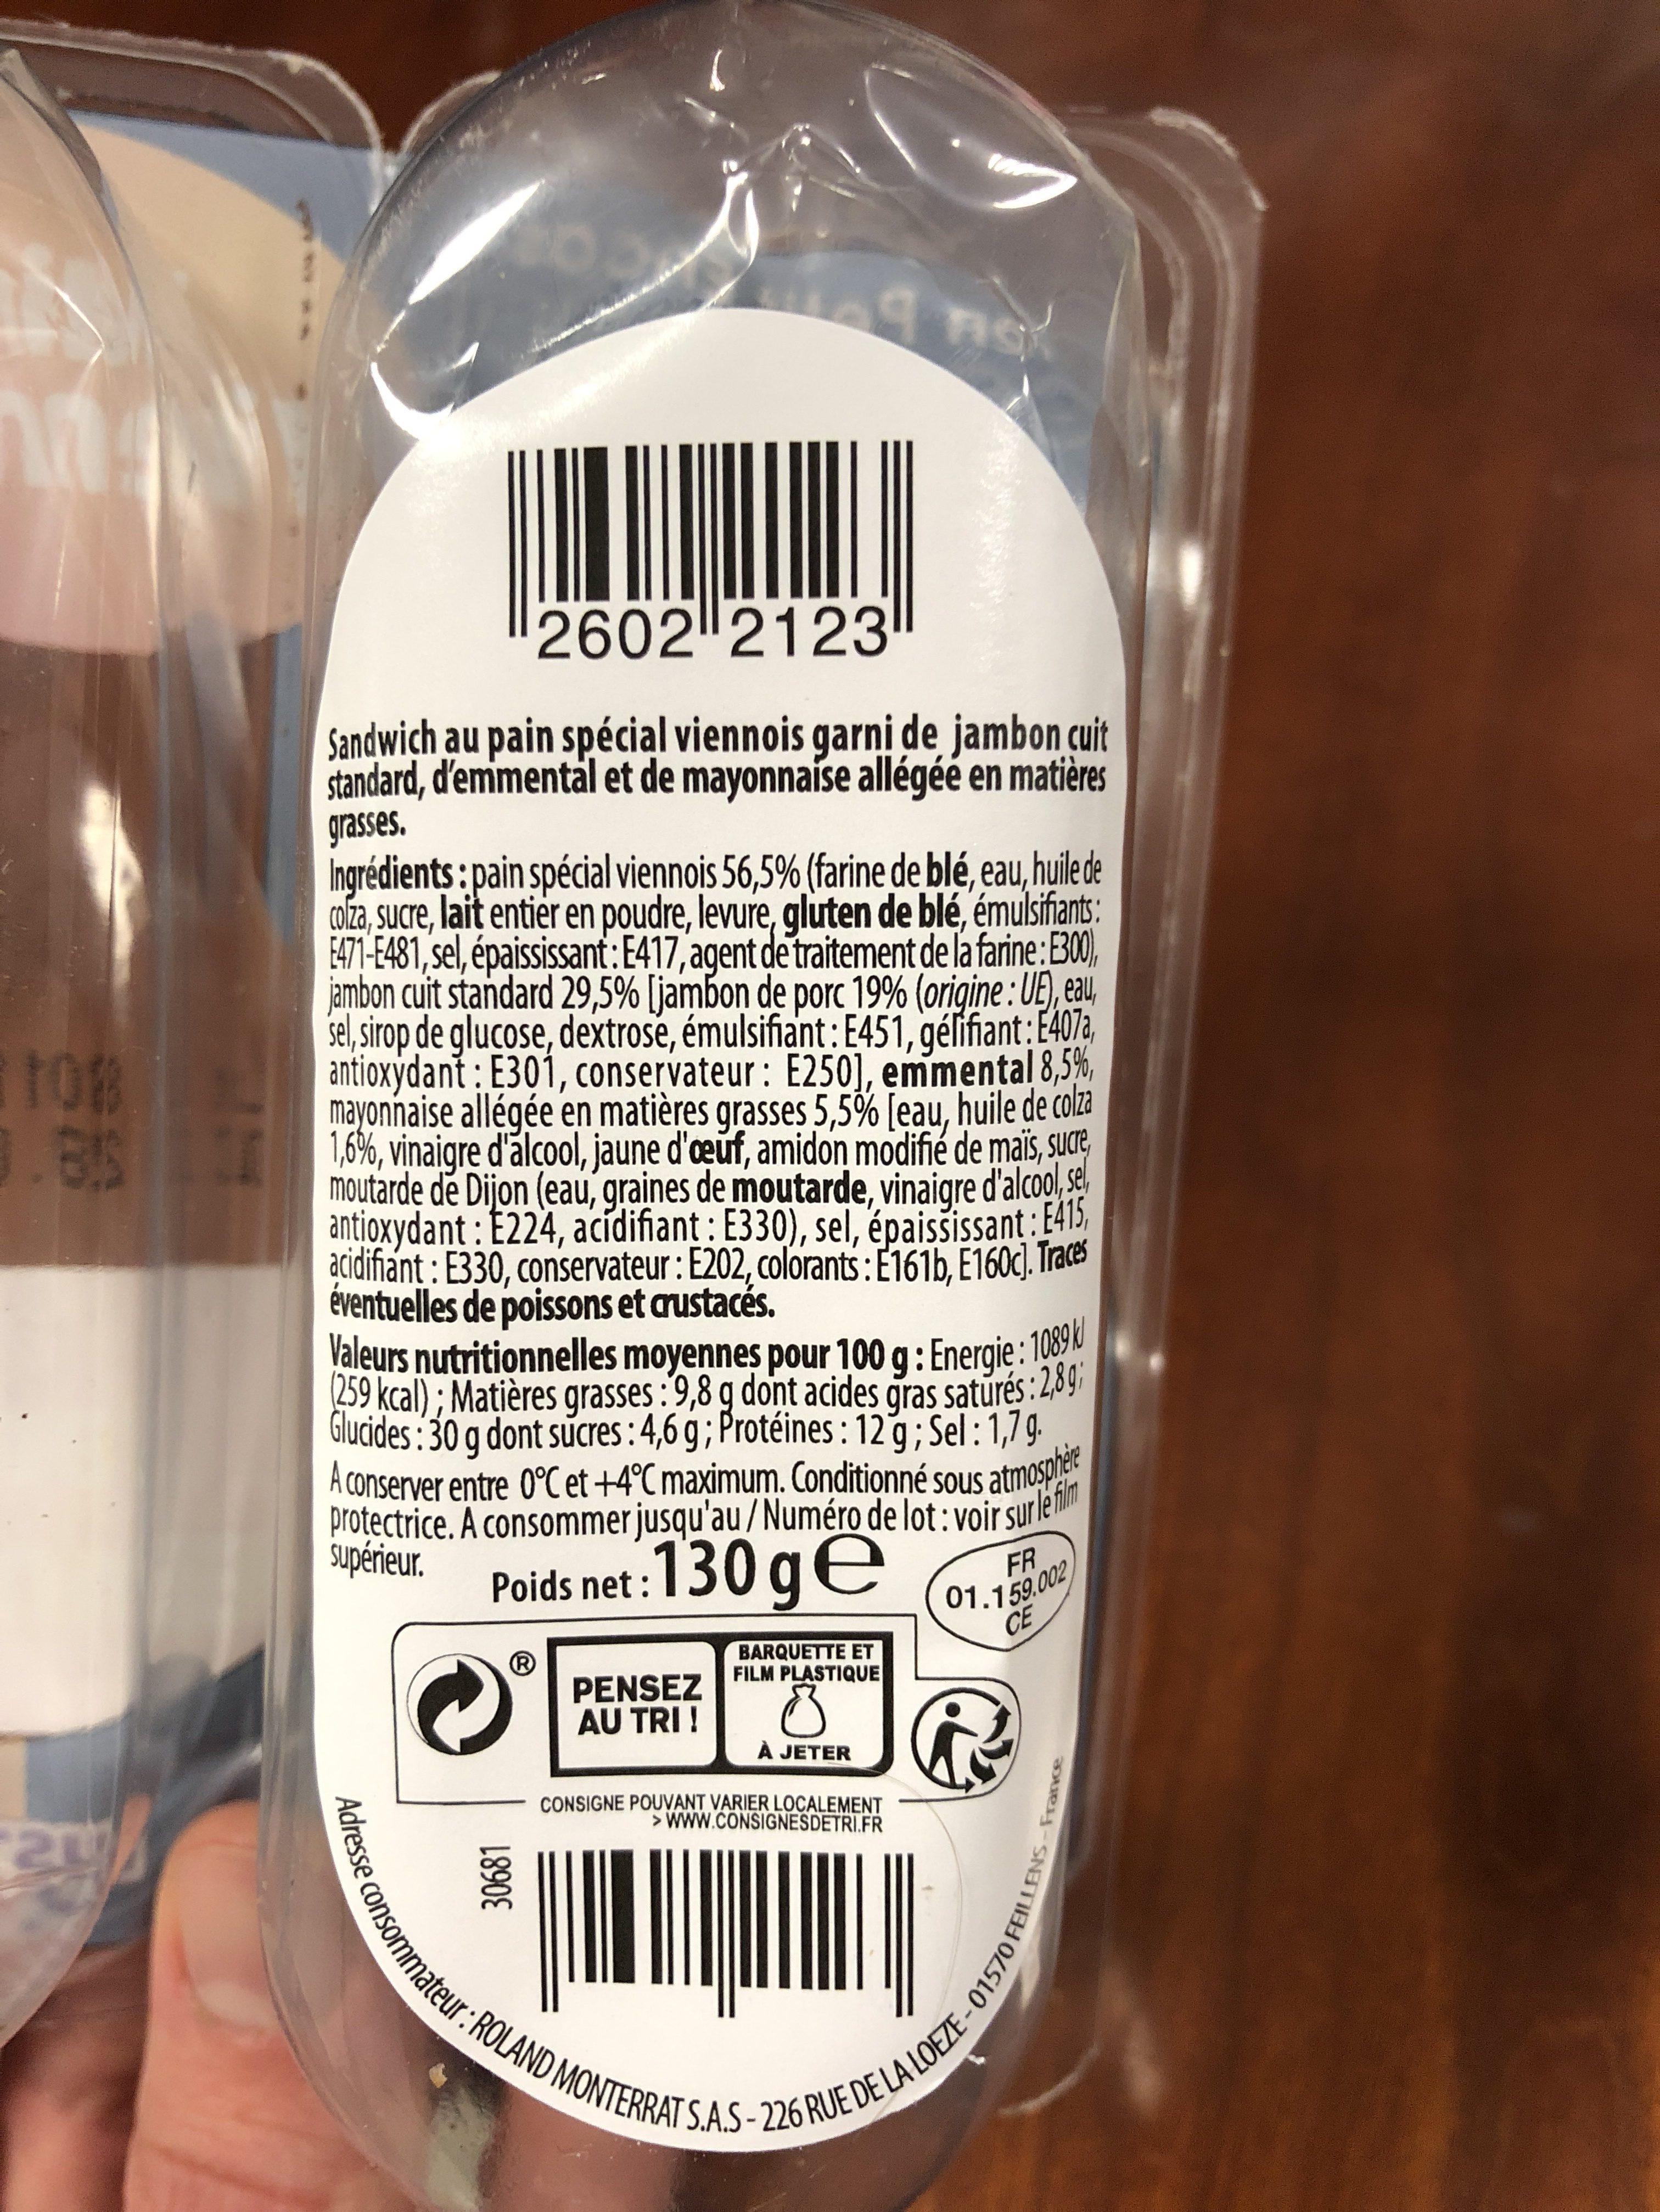 Mini viennois jambon emmental - Ingredients - fr